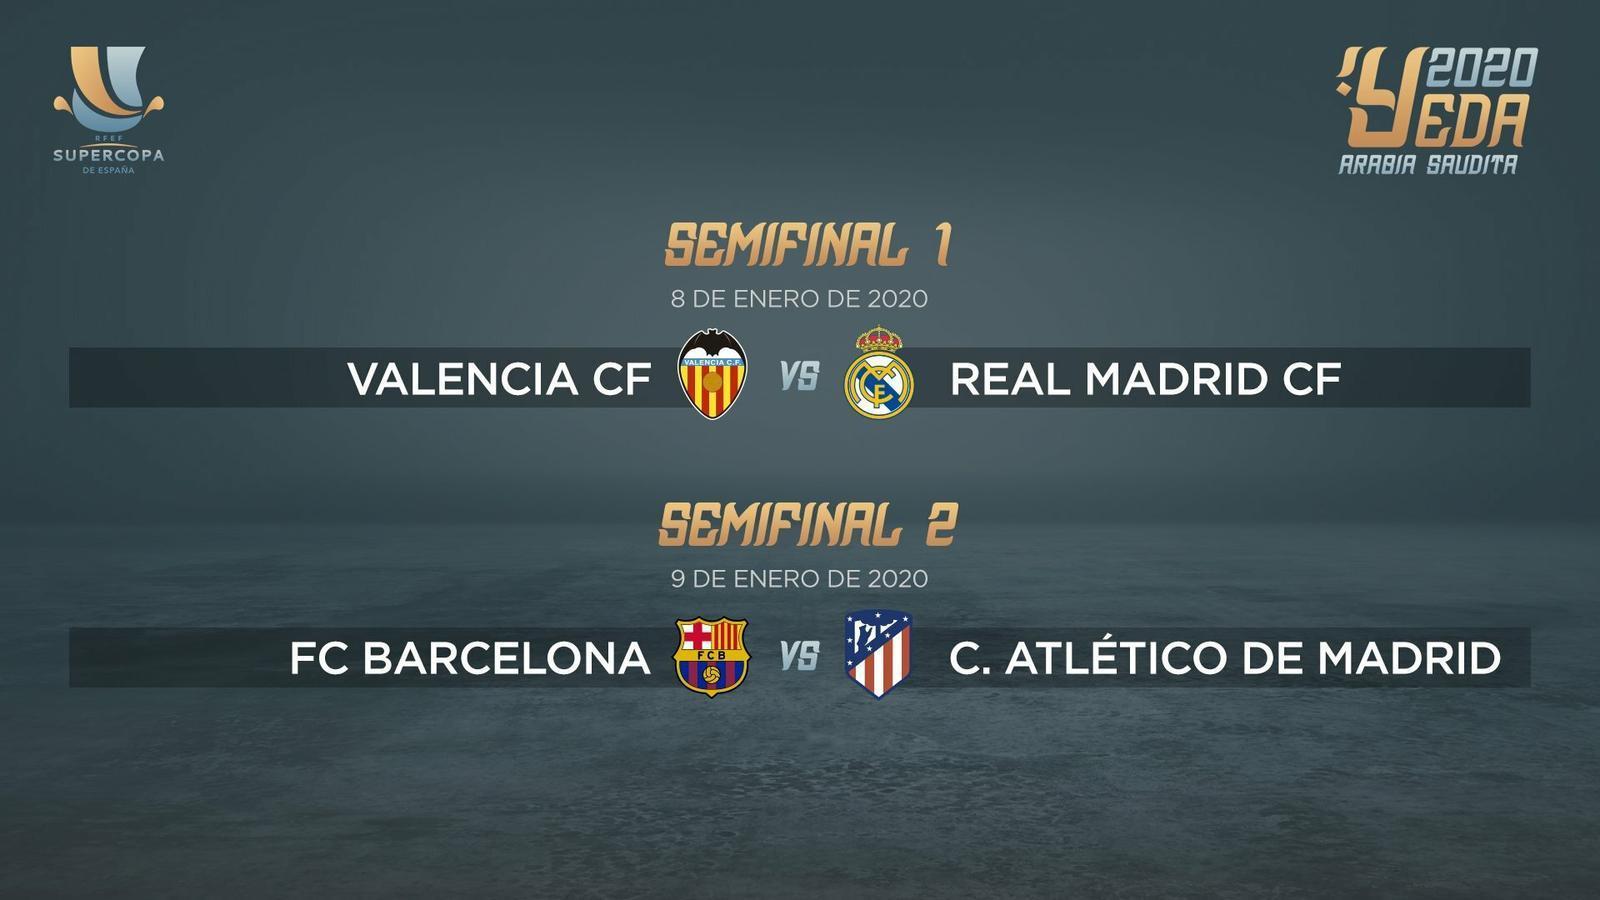 Barça - Atlètic de Madrid a la semifinal de la Supercopa d'Espanya